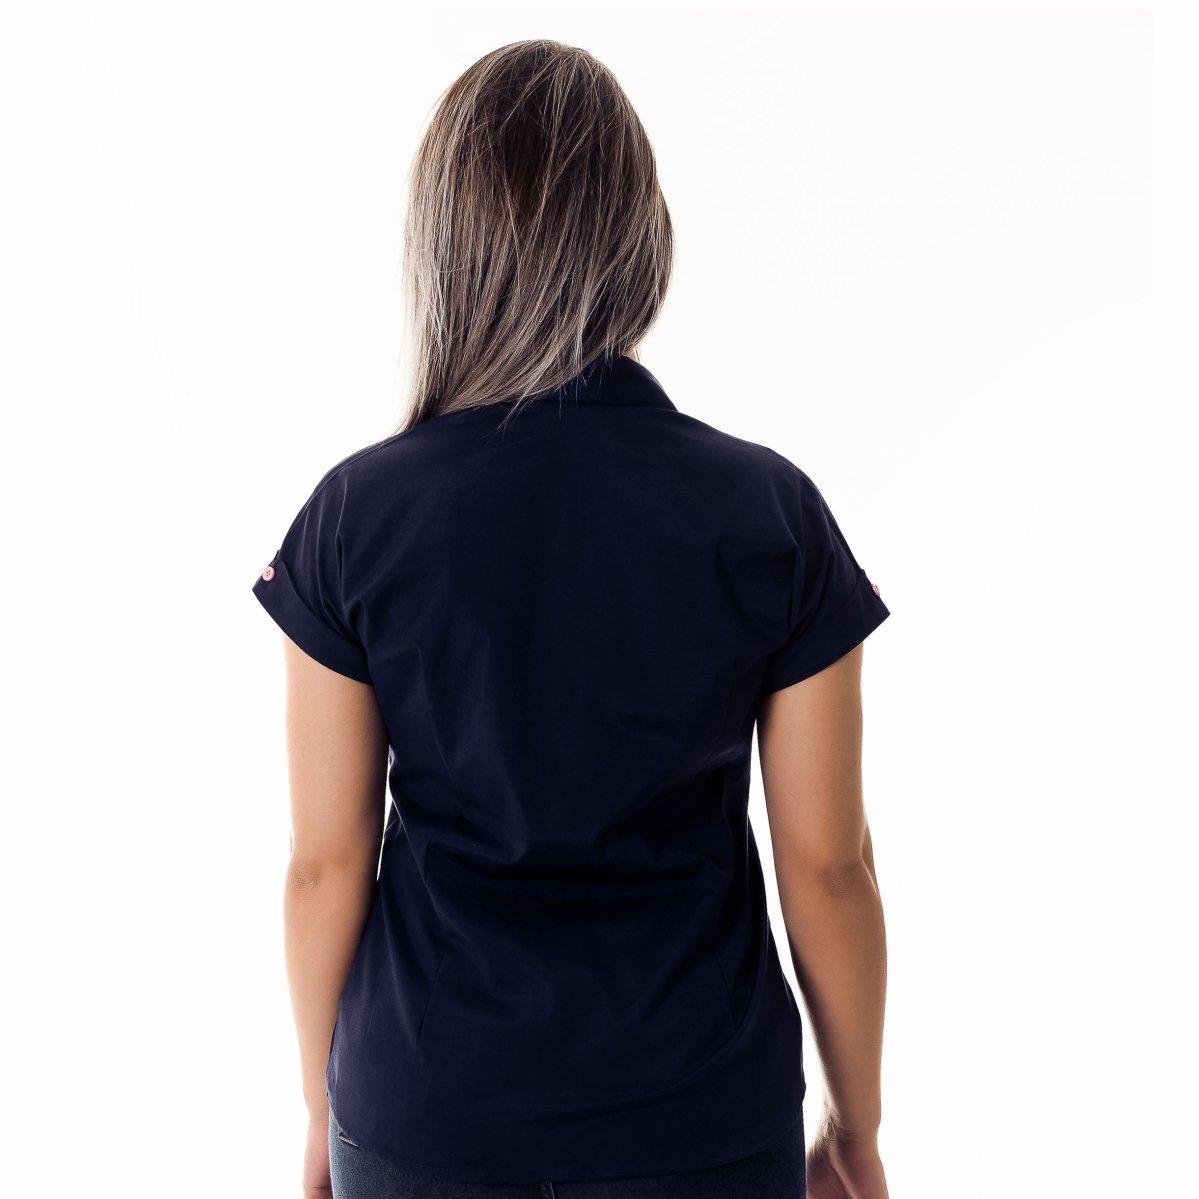 Camisa Pimenta Rosada da Brittany - Azul e Rosa - Compre Agora  5ecf0a172e17d